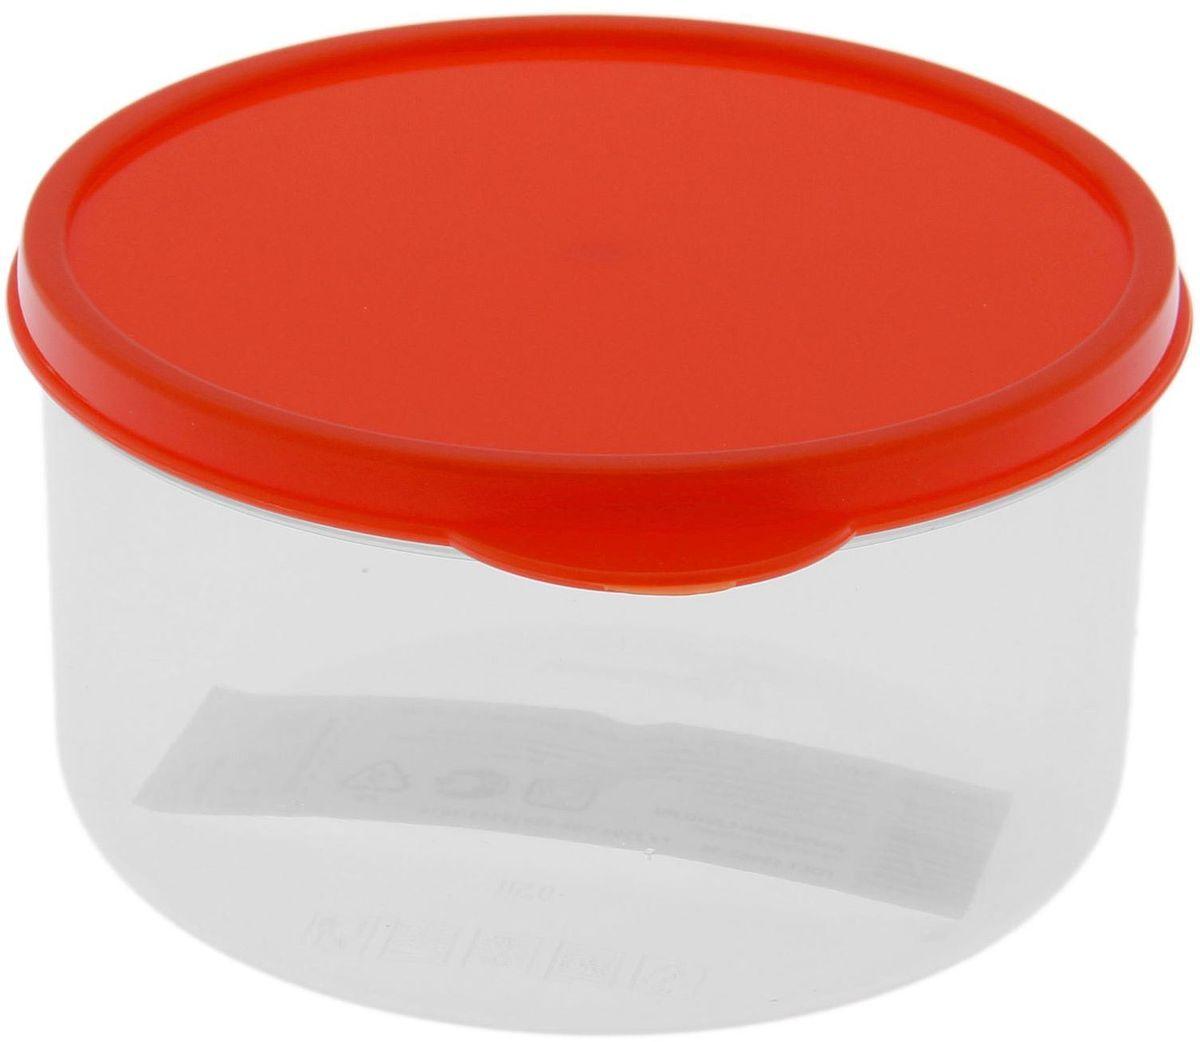 Контейнер пищевой Доляна, круглый, цвет: оранжевый, 500 мл1333798Если после вкусного обеда осталась еда, а насладиться трапезой хочется и на следующий день, ланч-бокс станет отличным решением данной проблемы!Такой контейнер является незаменимым предметом кухонной утвари, ведь у него много преимуществ:Простота ухода. Ланч-бокс достаточно промыть тёплой водой с небольшим количеством чистящего средства, и он снова готов к использованию.Вместительность. Большой выбор форм и объёма поможет разместить разнообразные продукты от сахара до супов.Эргономичность. Ланч-боксы очень легко хранить даже в самой маленькой кухне, так как их можно поставить один в другой по принципу матрёшки.Многофункциональность. Разнообразие цветов и форм делает возможным использование контейнеров не только на кухне, но и в других областях домашнего быта.Любители приготовления обеда на всю семью в большинстве случаев приобретают ланч-боксы наборами, так как это позволяет рассортировать продукты по всевозможным признакам. К тому же контейнеры среднего размера станут незаменимыми помощниками на работе: ведь что может быть приятнее, чем порадовать себя во время обеда прекрасной едой, заботливо сохранённой в контейнере?В качестве материала для изготовления используется пластик, что делает процесс ухода за контейнером ещё более эффективным. К каждому ланч-боксу в комплекте также прилагается крышка подходящего размера, это позволяет плотно и надёжно удерживать запах еды и упрощает процесс транспортировки.Однако рекомендуется соблюдать и меры предосторожности: не использовать пластиковые контейнеры в духовых шкафах и на открытом огне, а также не разогревать в микроволновых печах при закрытой крышке ланч-бокса. Соблюдение мер безопасности позволит продлить срок эксплуатации и сохранить отличный внешний вид изделия.Эргономичный дизайн и многофункциональность таких контейнеров — вот, что является причиной большой популярности данного предмета у каждой хозяйки. А в преддверии лета и дачного сезона такое приобр